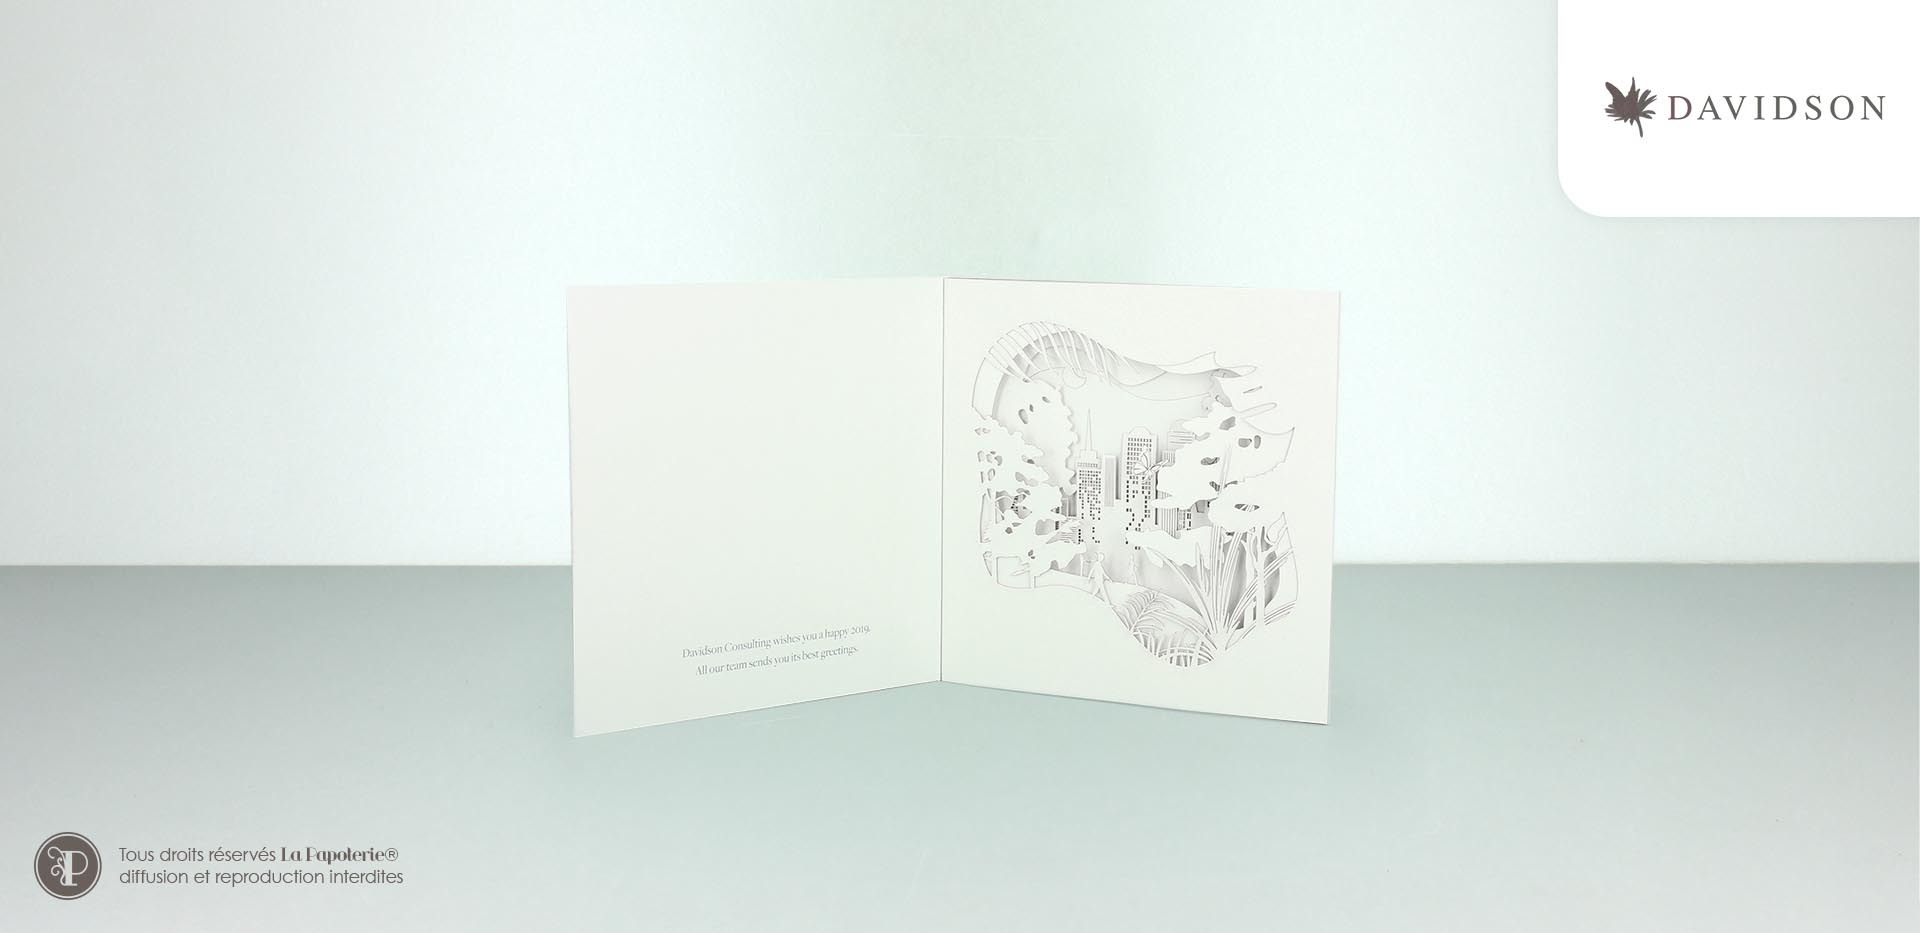 La Papoterie colorz-voeux Davidson greetings card